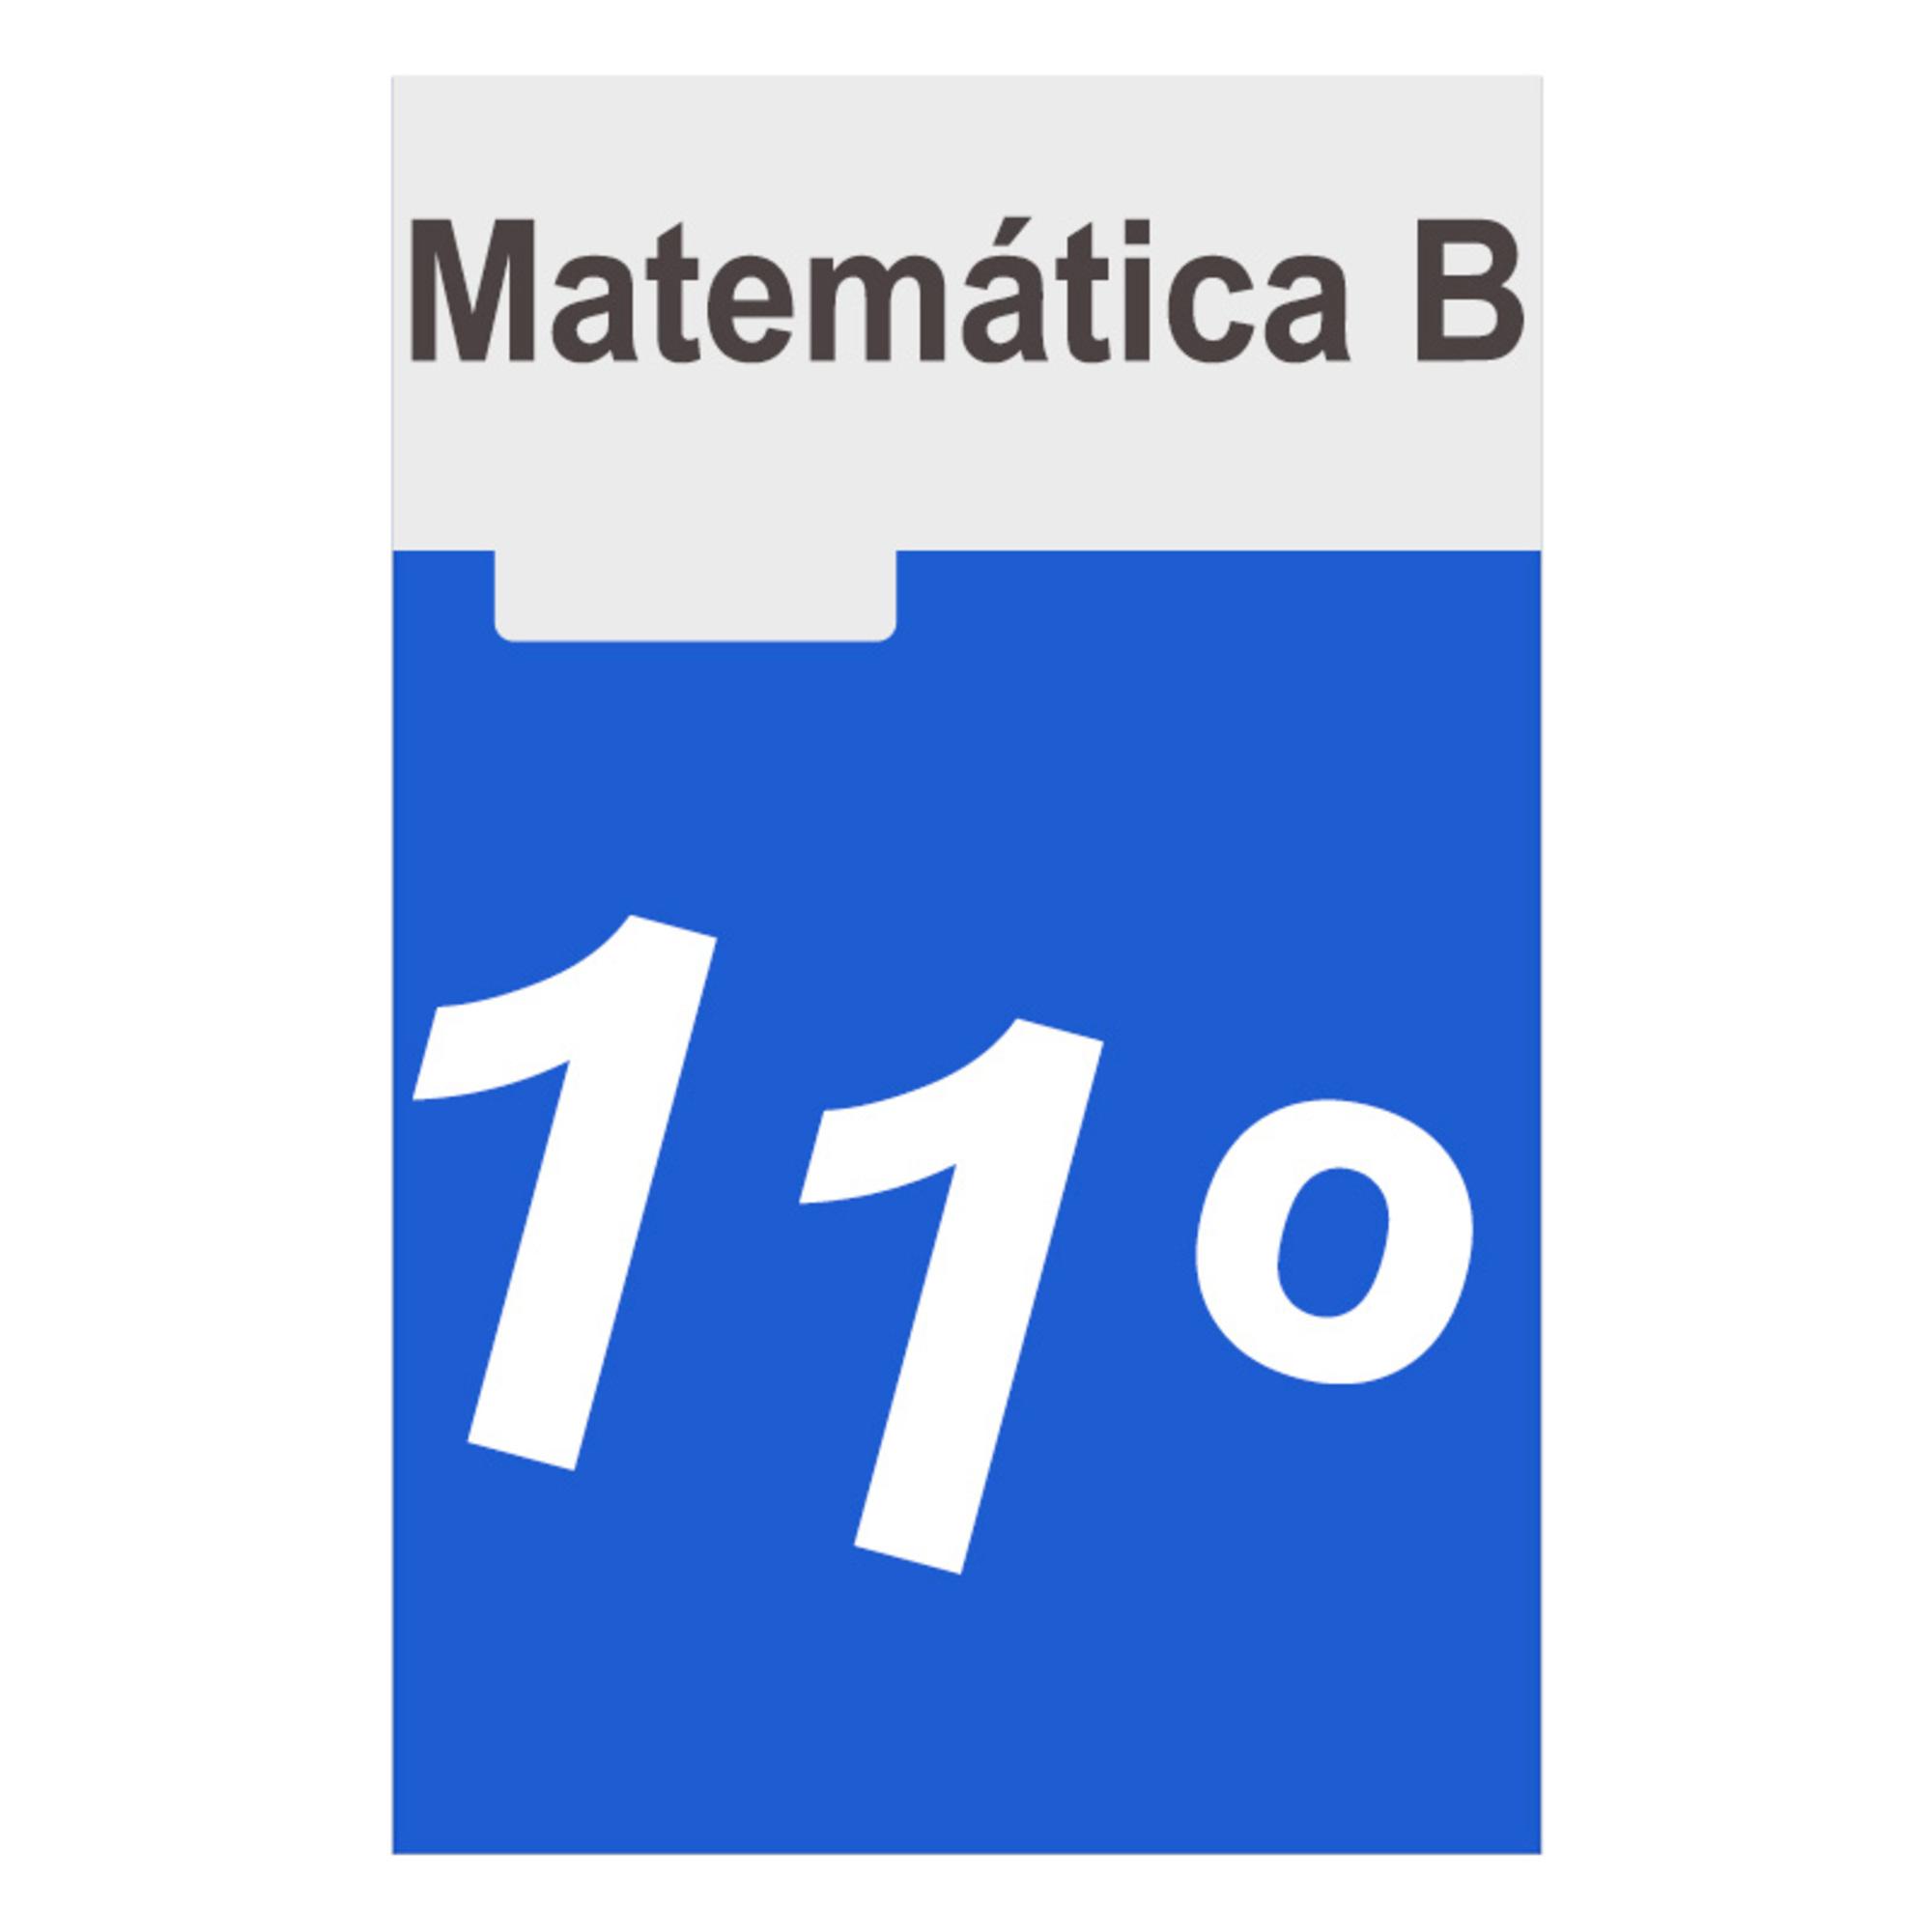 PORTO EDITORA - PORTO EDITORA Manual Novo Espaço (Matemática B; 11º Ano)